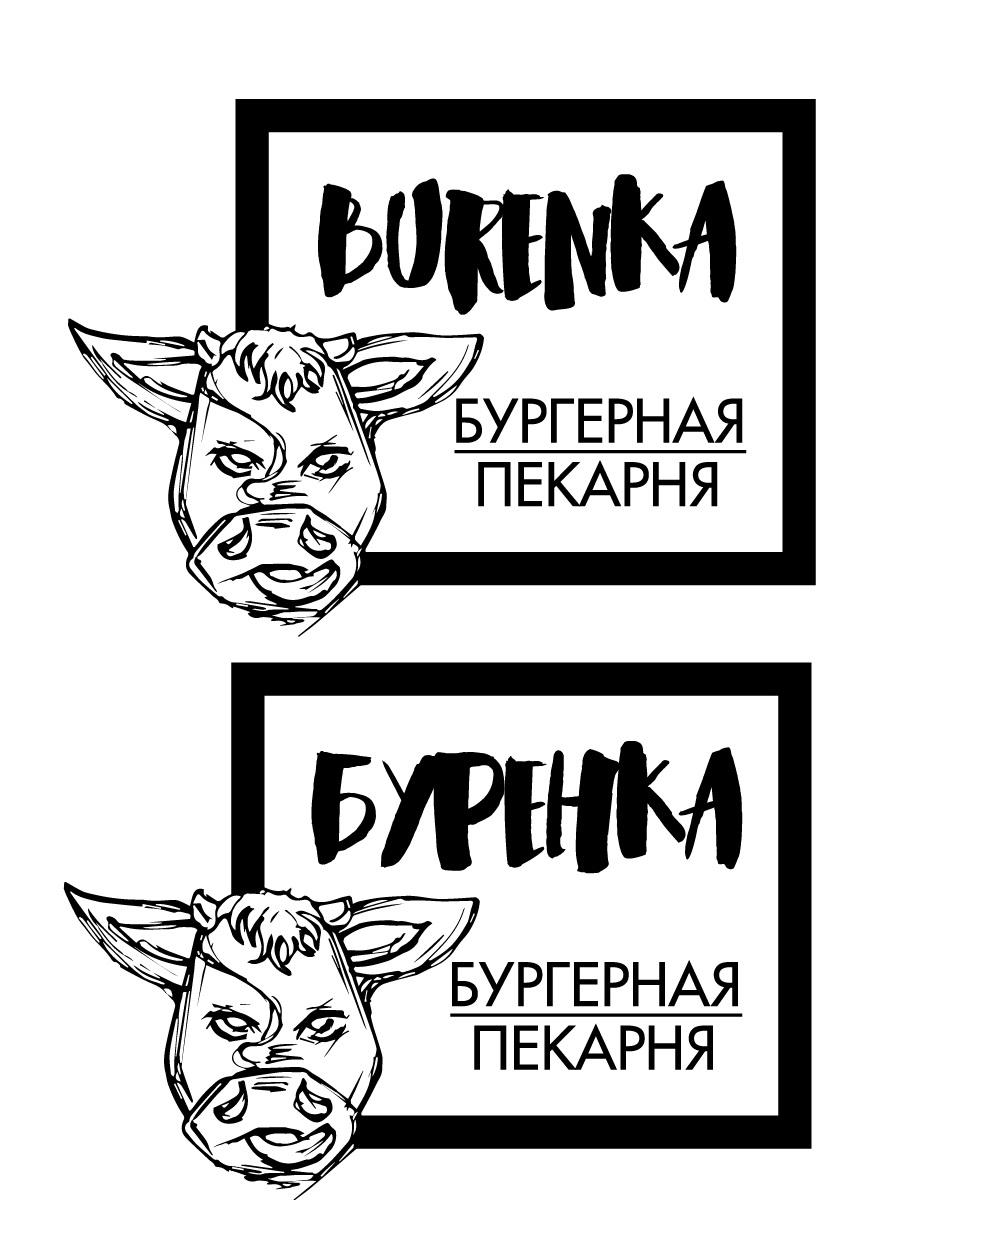 Логотип для Бургерной с Пекарней фото f_1035e123dc62c9c8.jpg